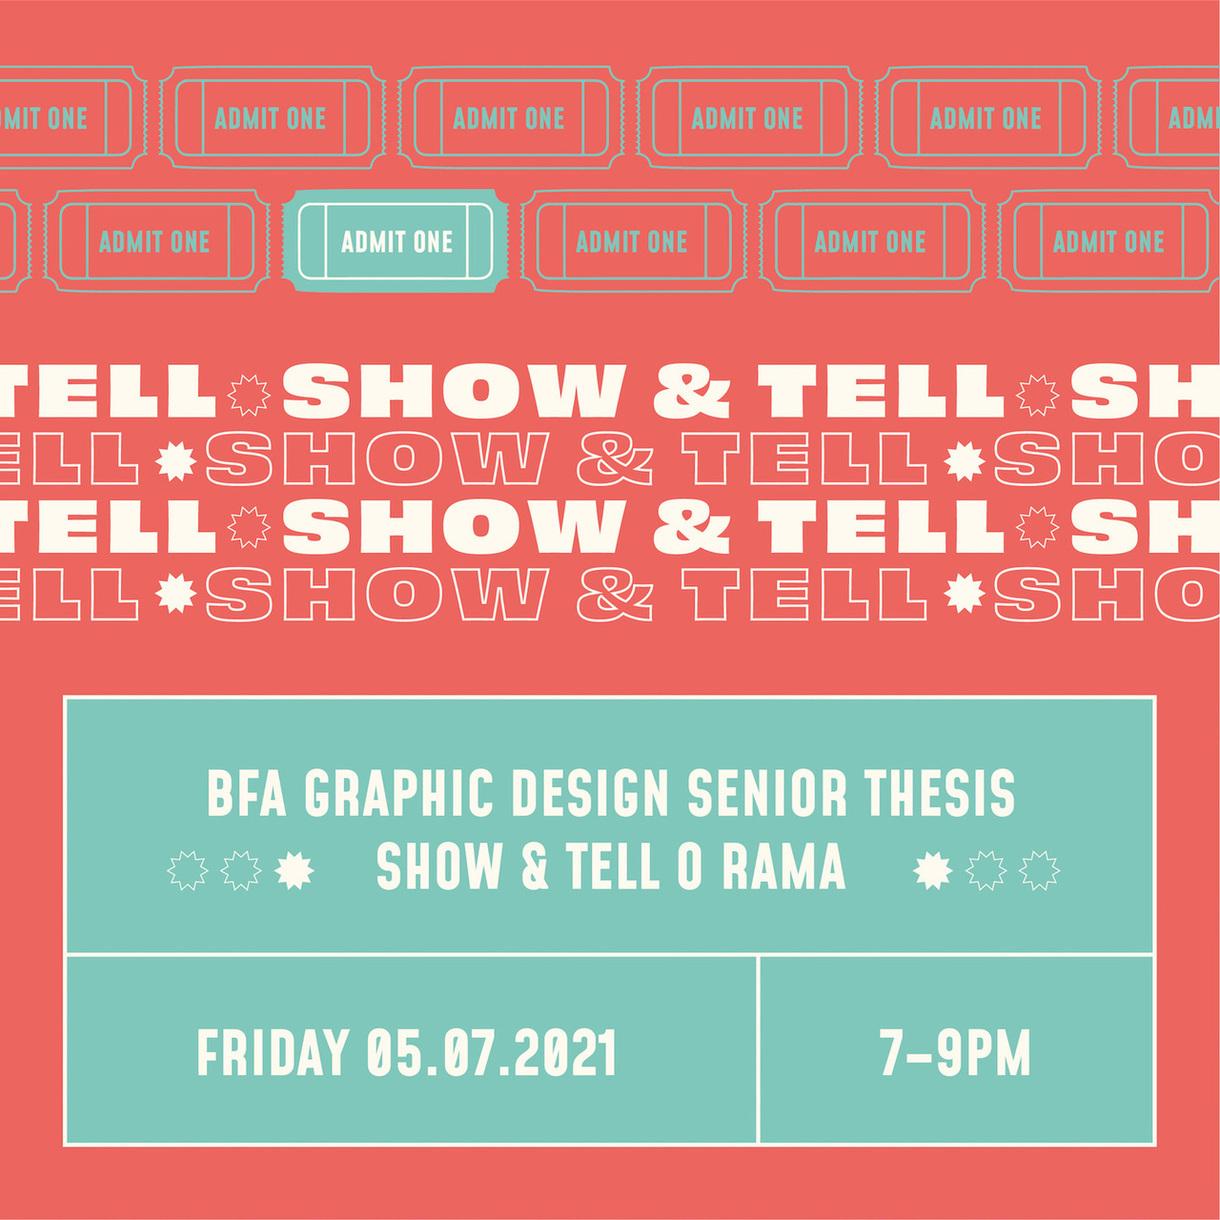 BFA Graphic Design Senior Thesis